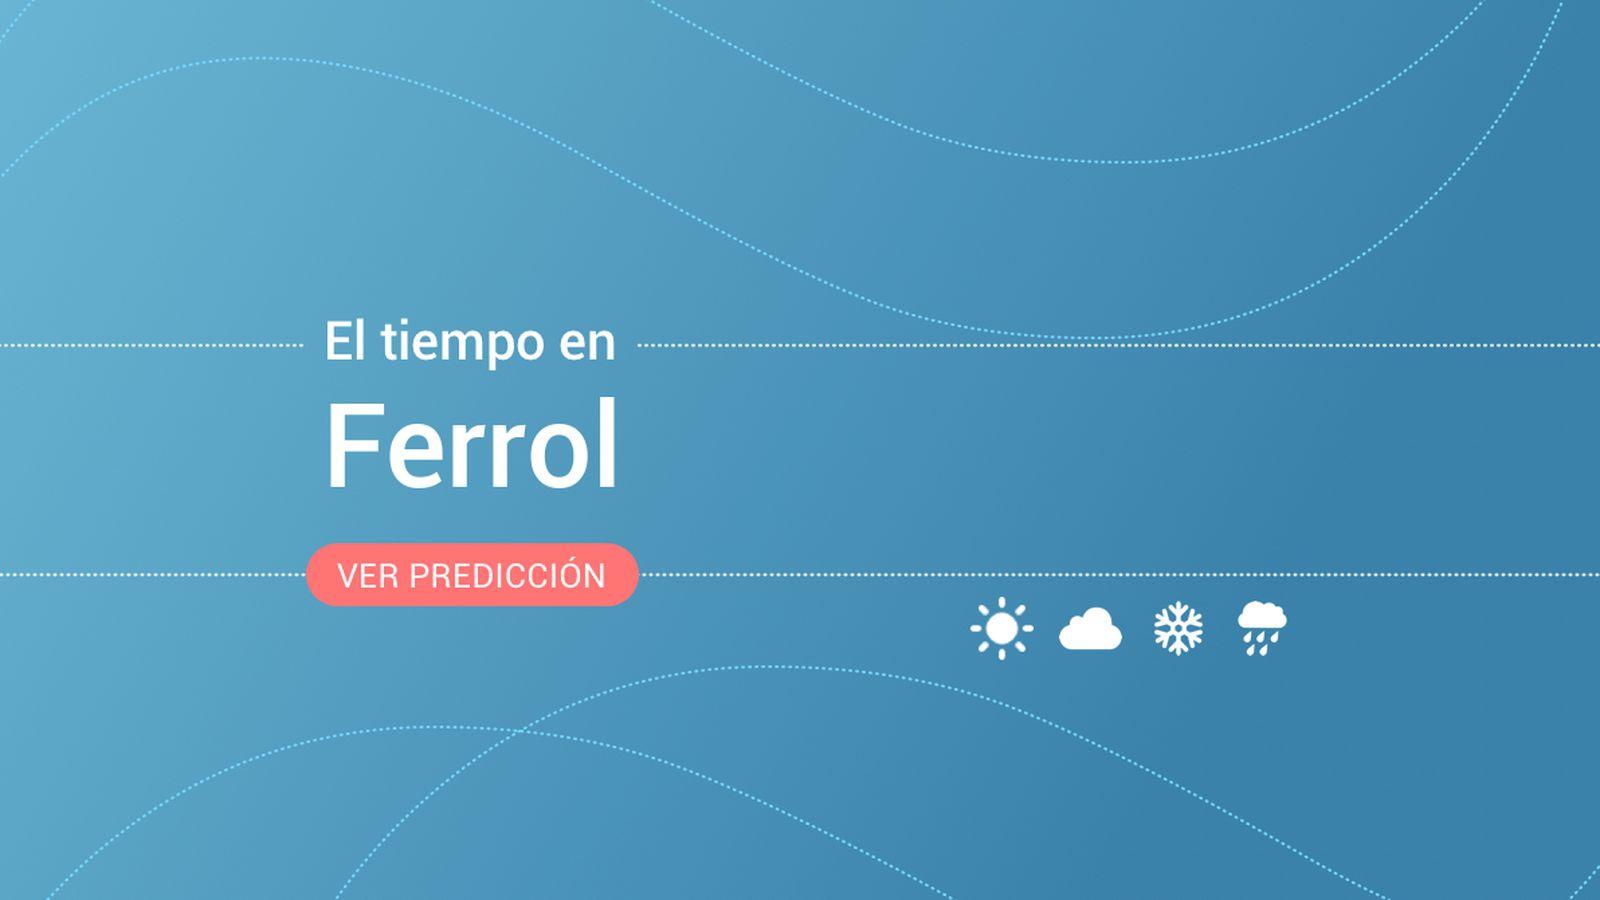 Foto: El tiempo en Ferrol. (EC)